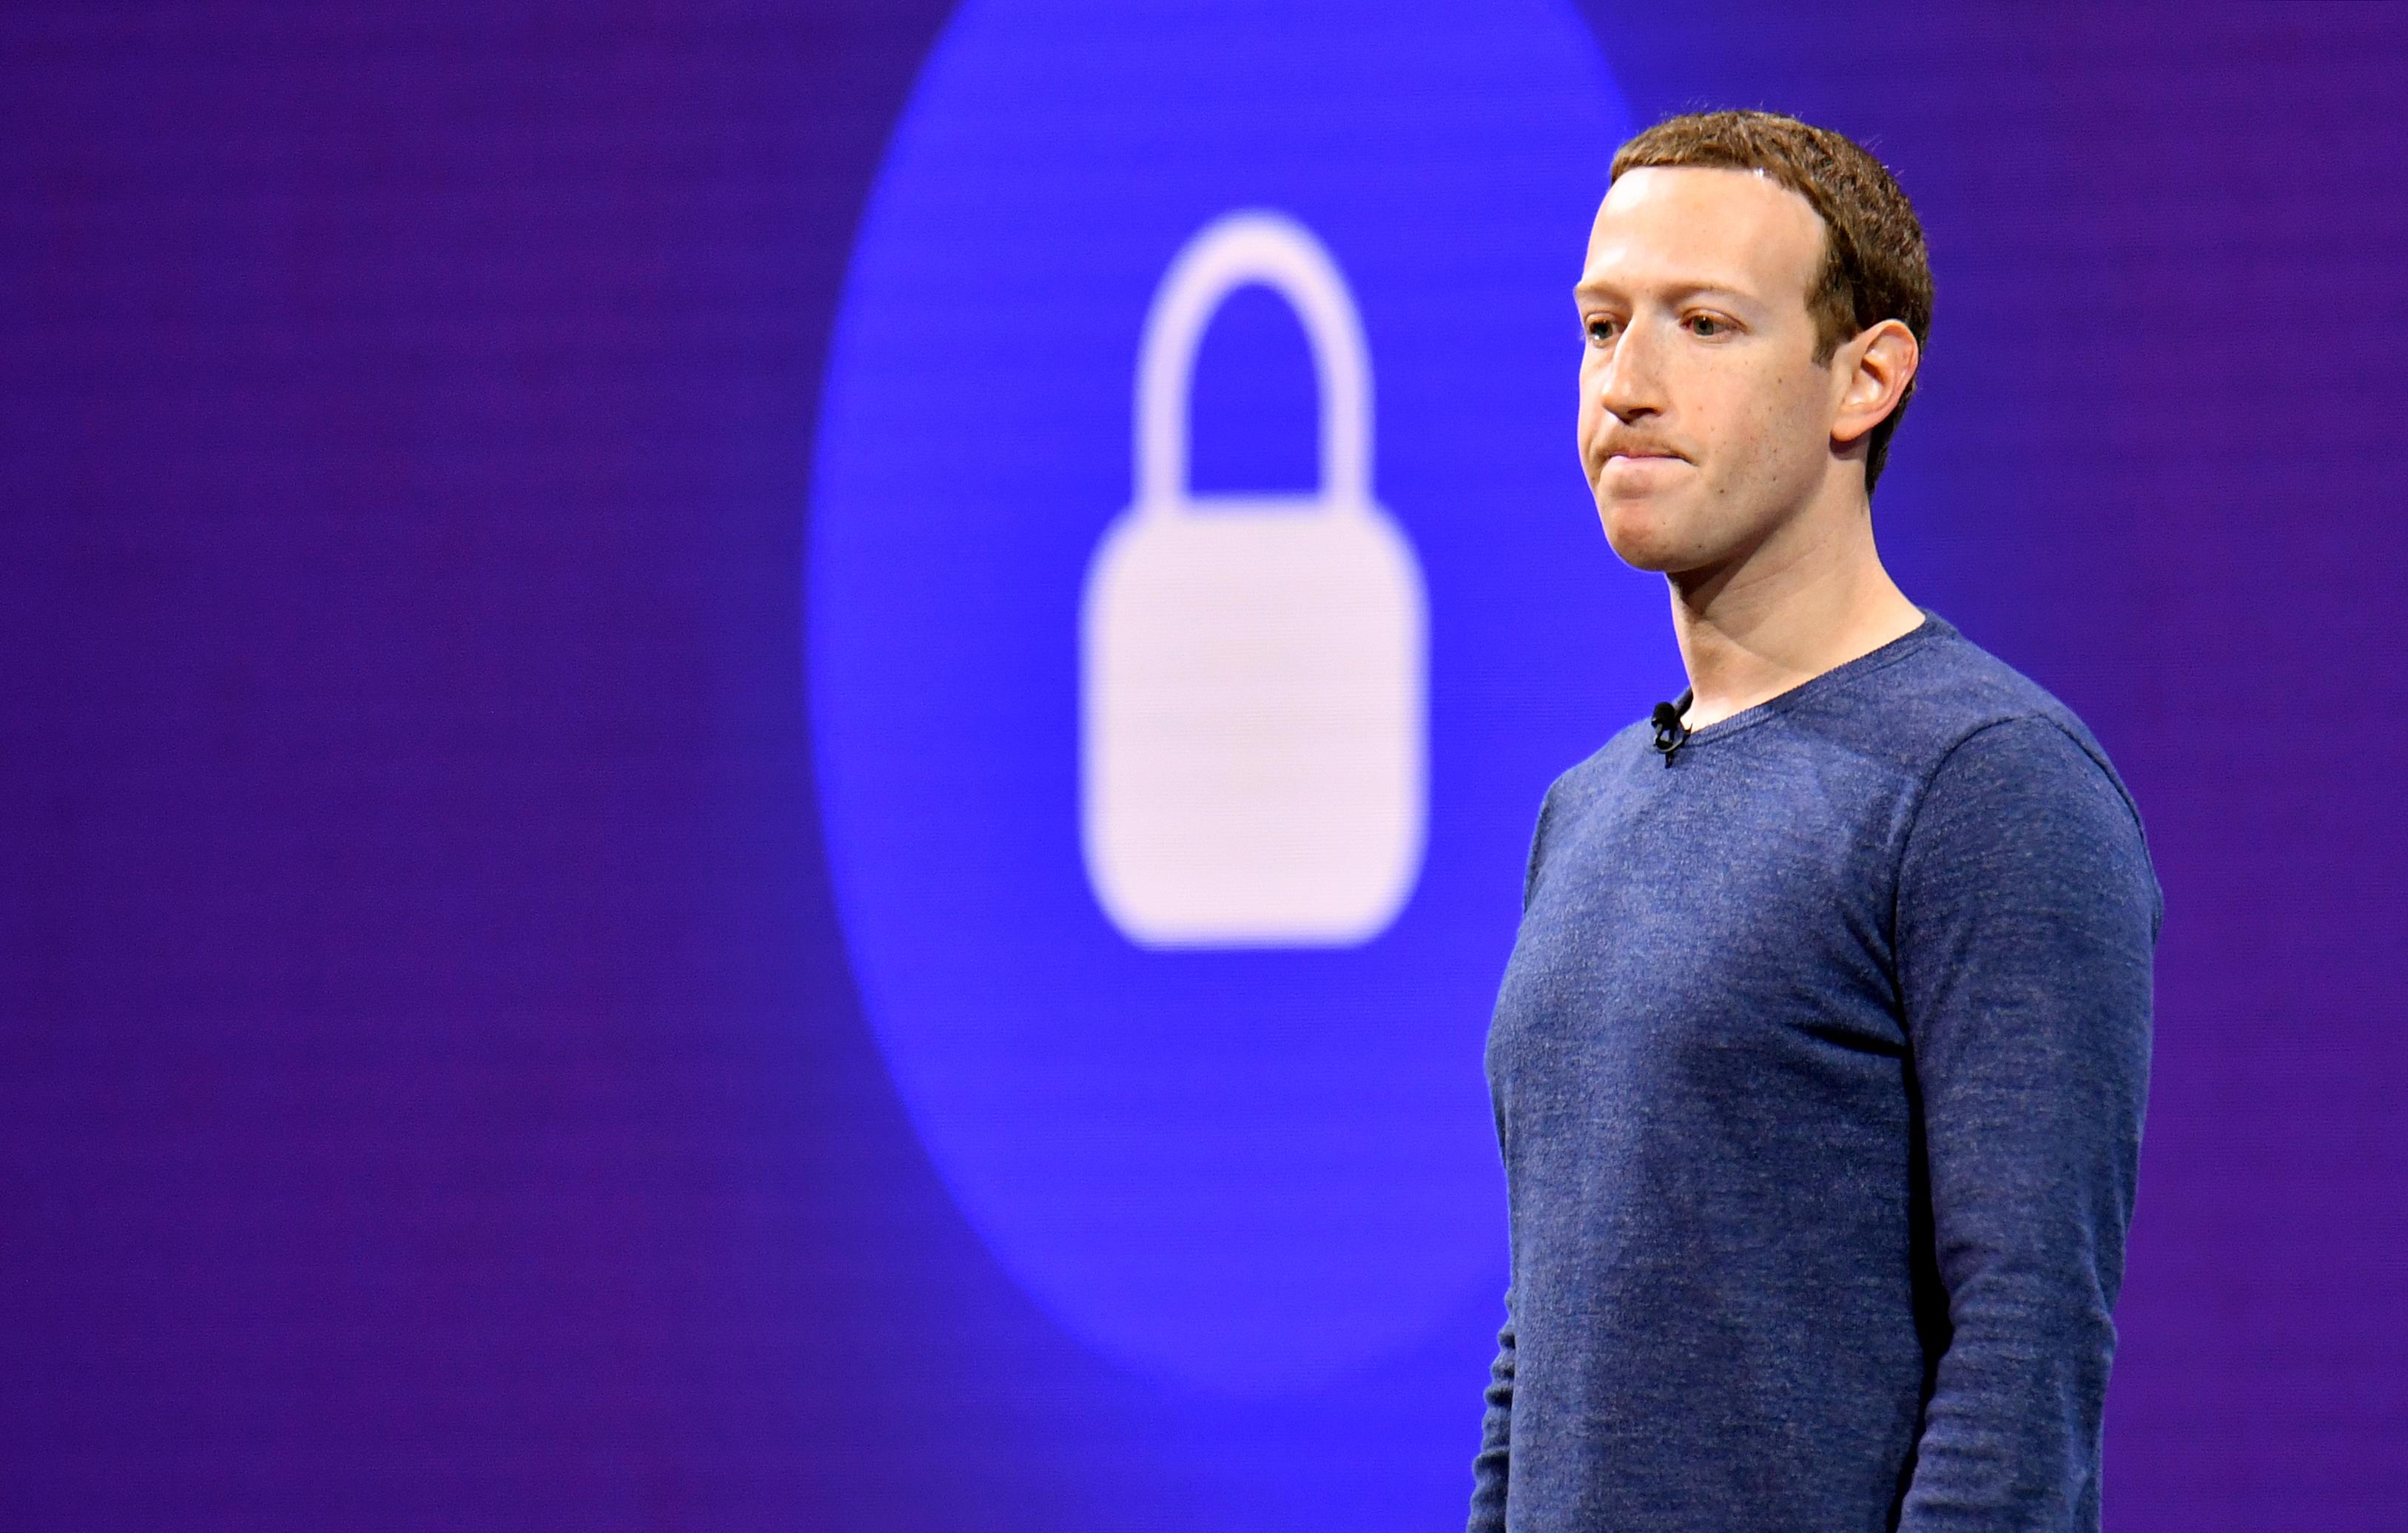 Súlyosabb következményei lehetnek a Facebook feltörésének, mint elsőre látszott